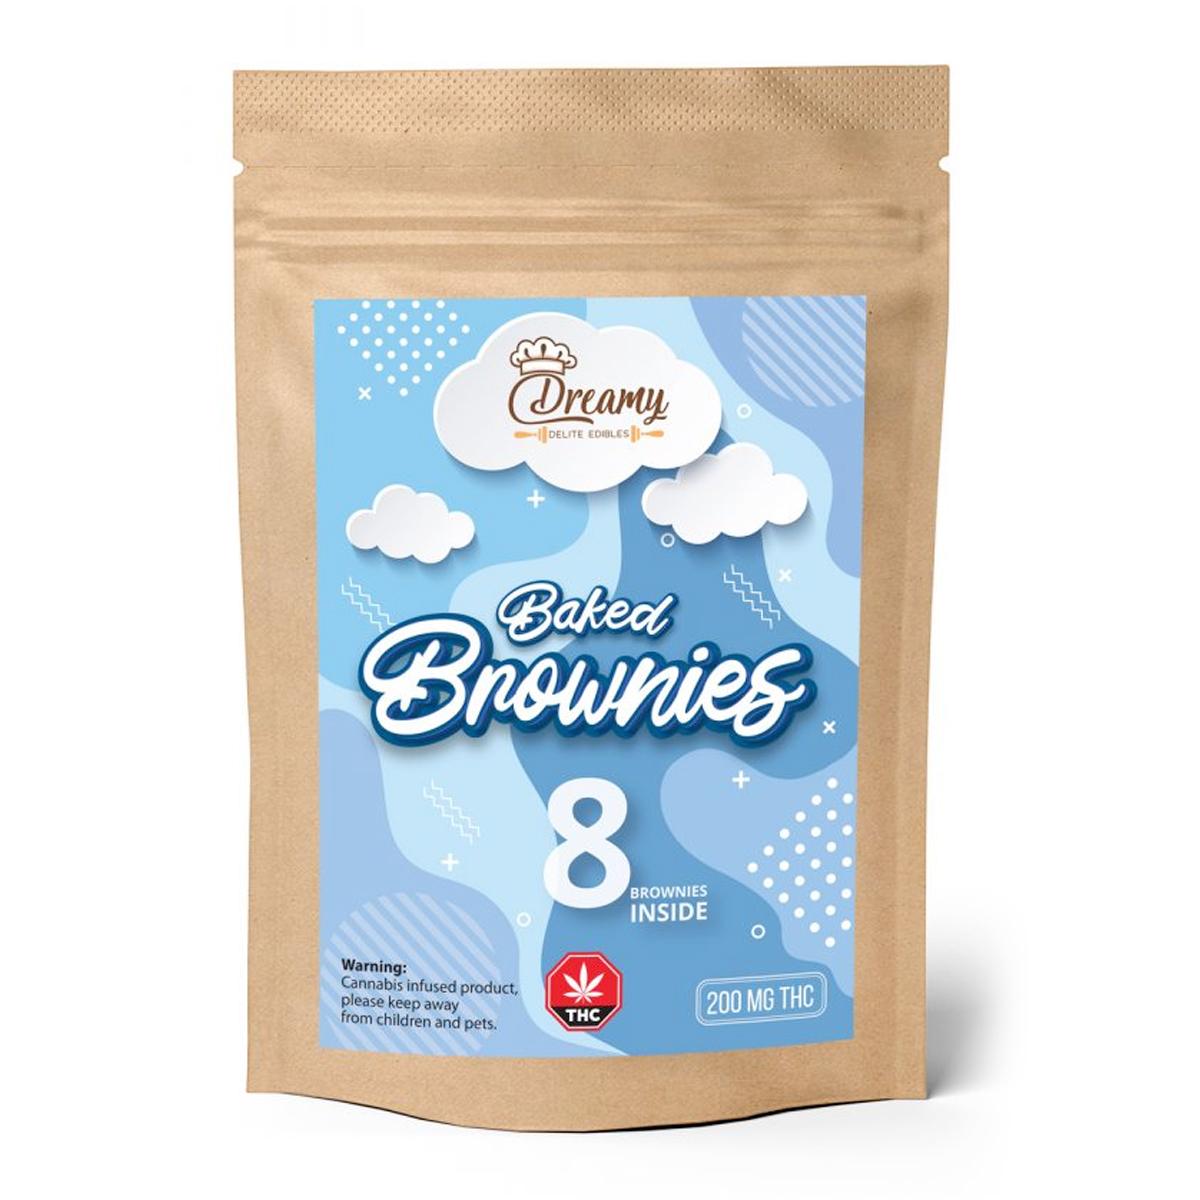 BUy Dreamy Delite Fudge Brownies - 200mg